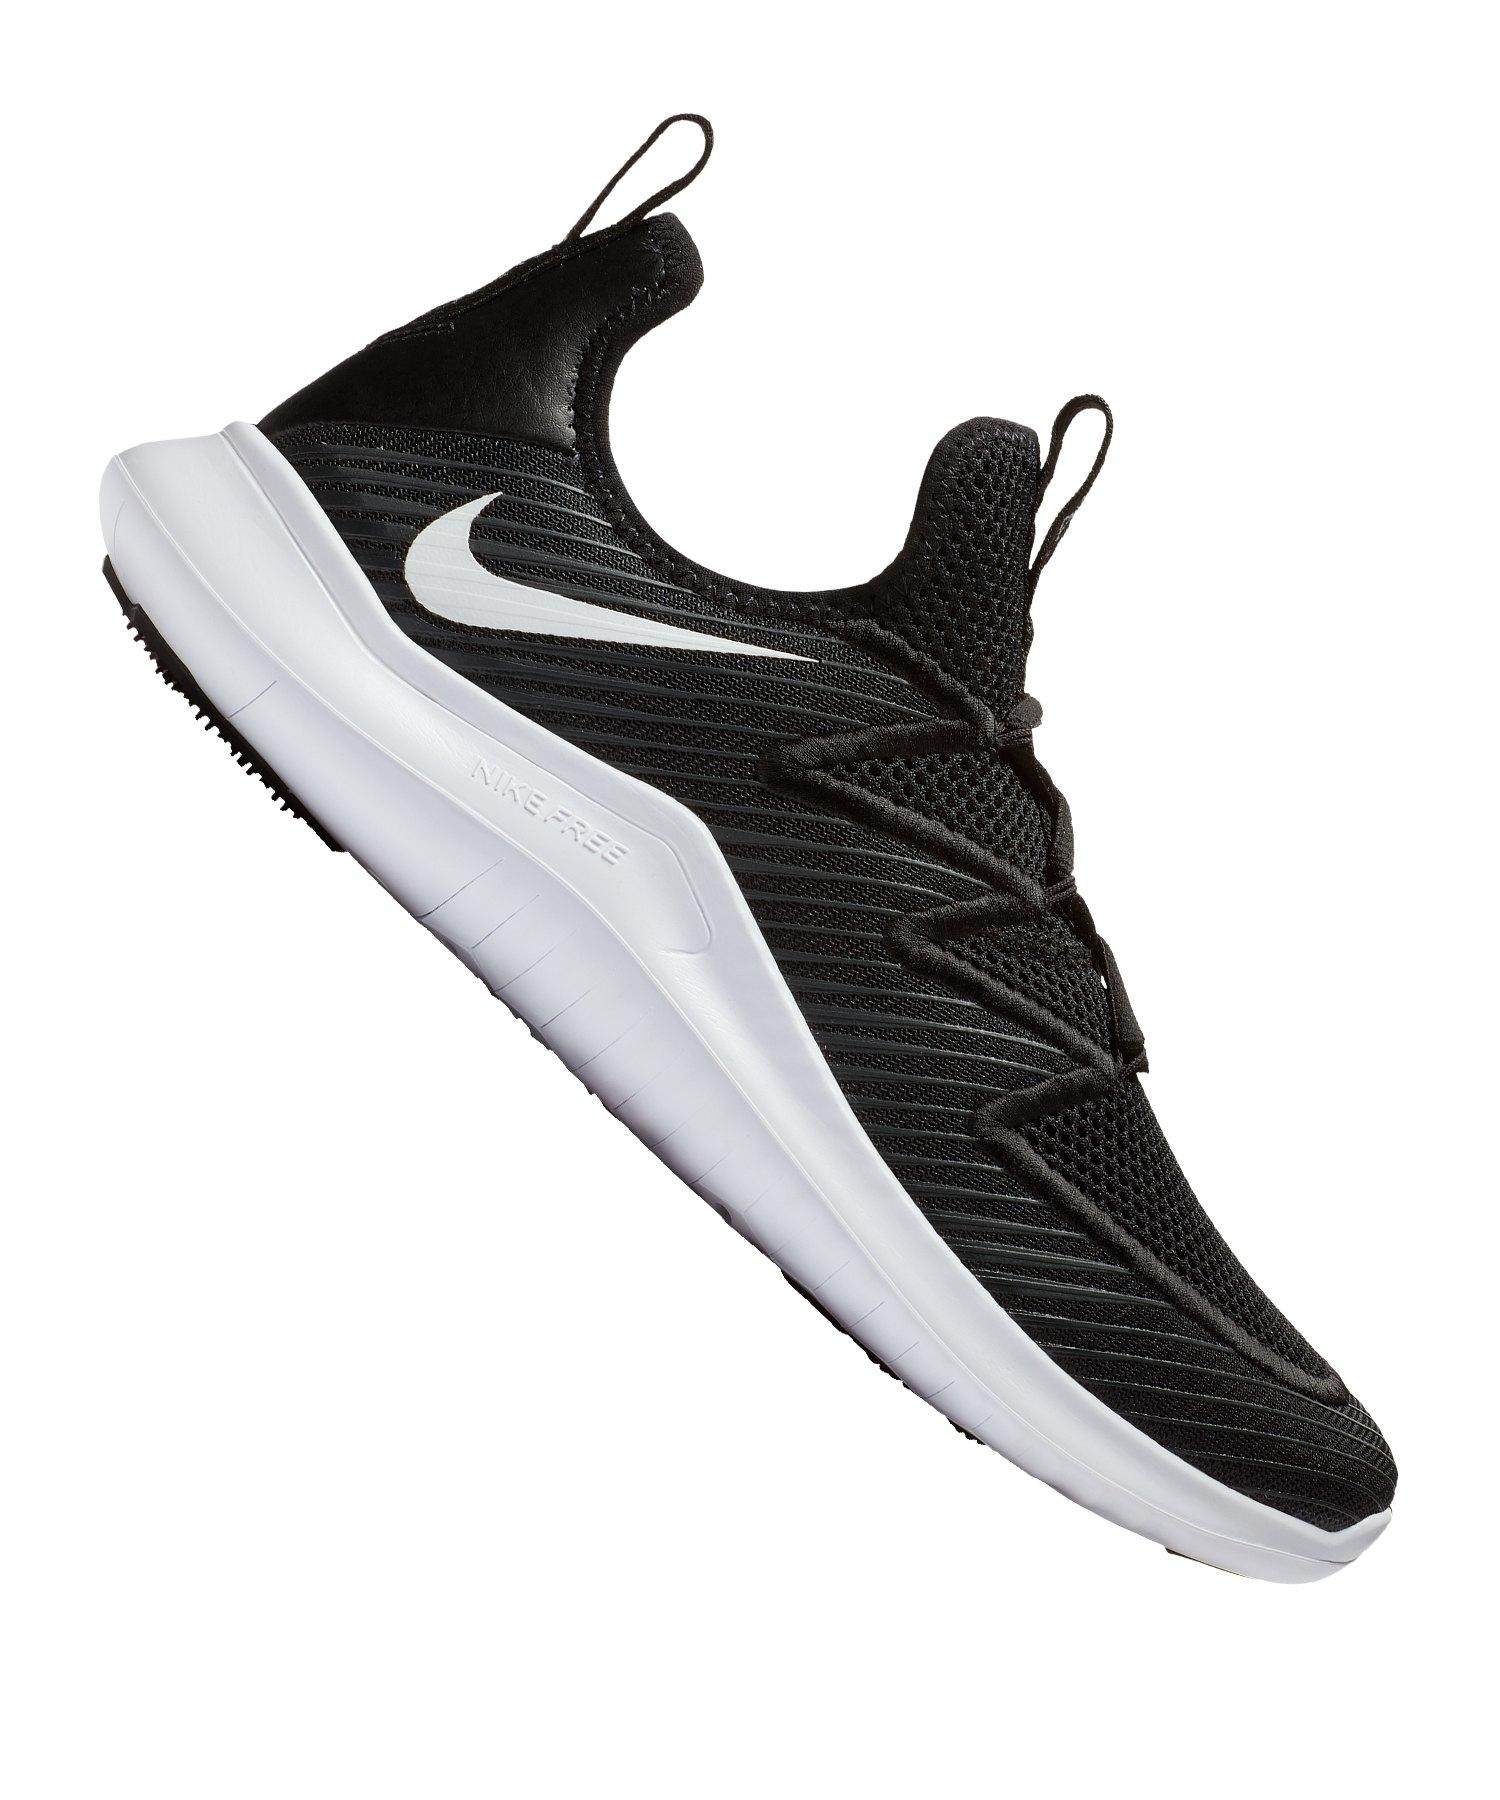 promo code 70da2 645f2 Nike Free TR 9 Training Schwarz Weiss F010 - schwarz